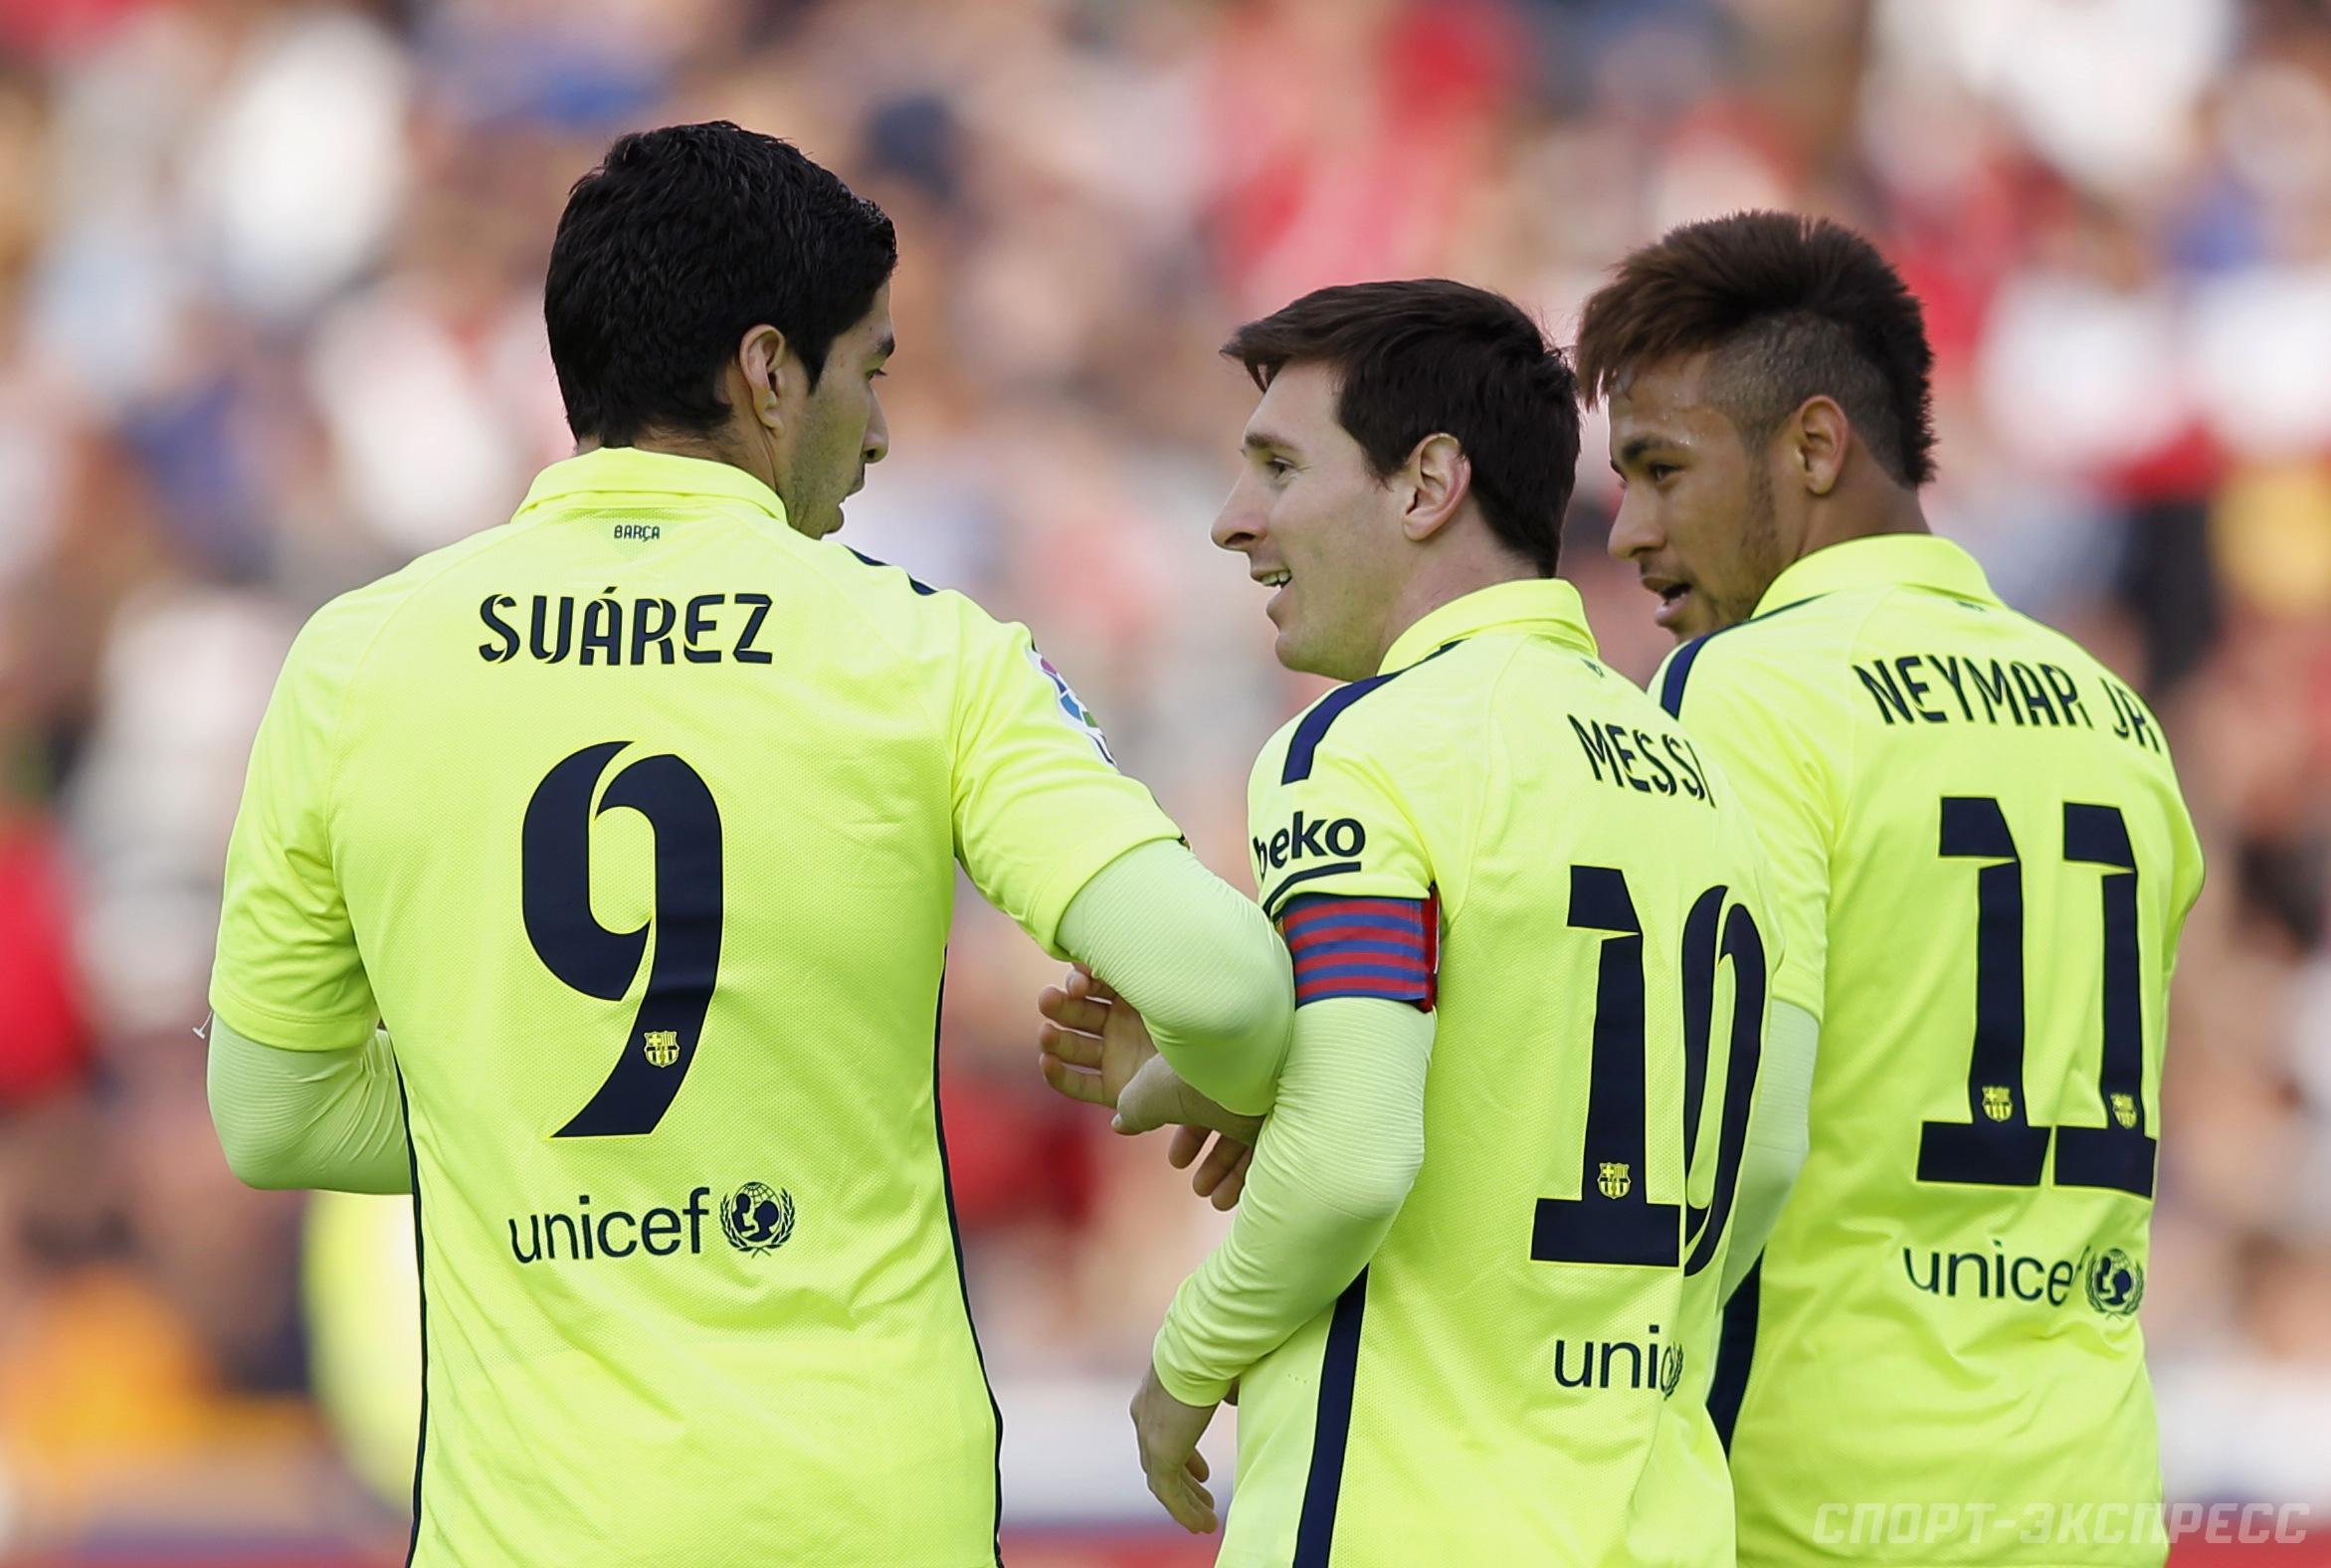 Прогноз на матч Альмерия - Малага: гости победят с нулевой форой